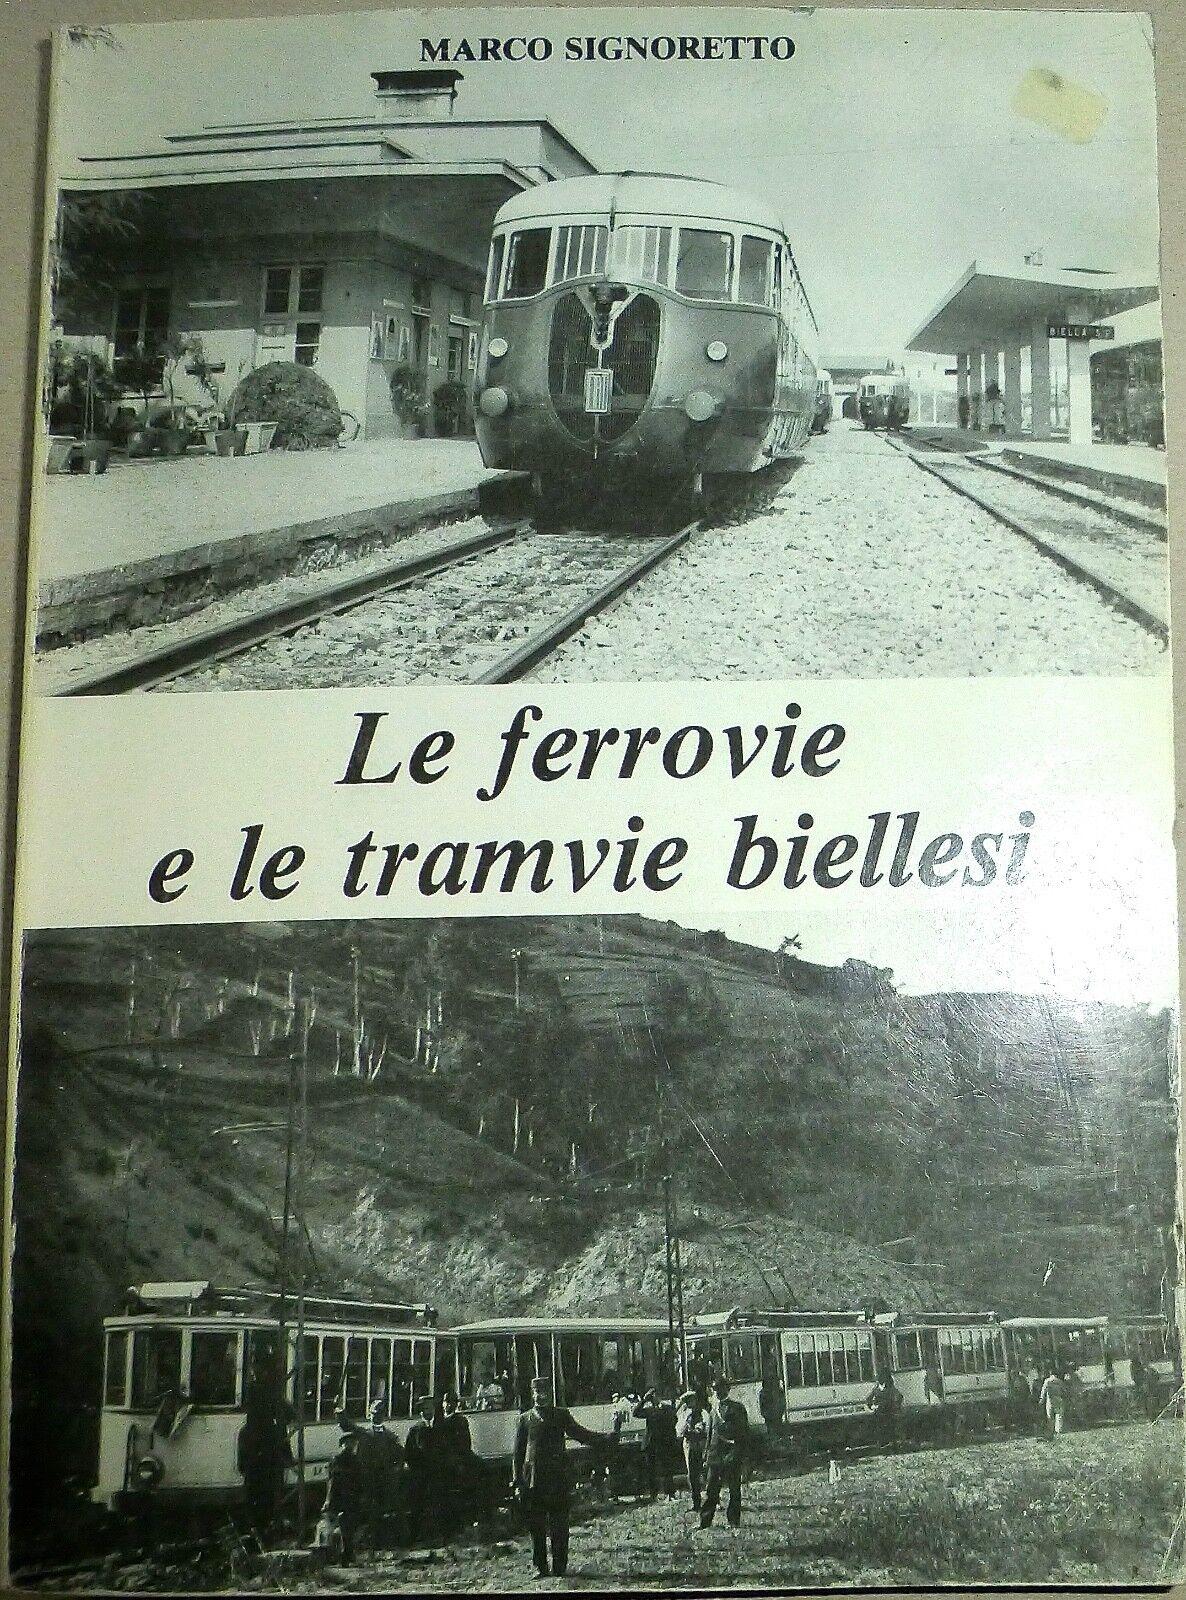 Le ferrovie e le tramvie biellesi Marco Signoretto Calosci Cortona b2d Å *